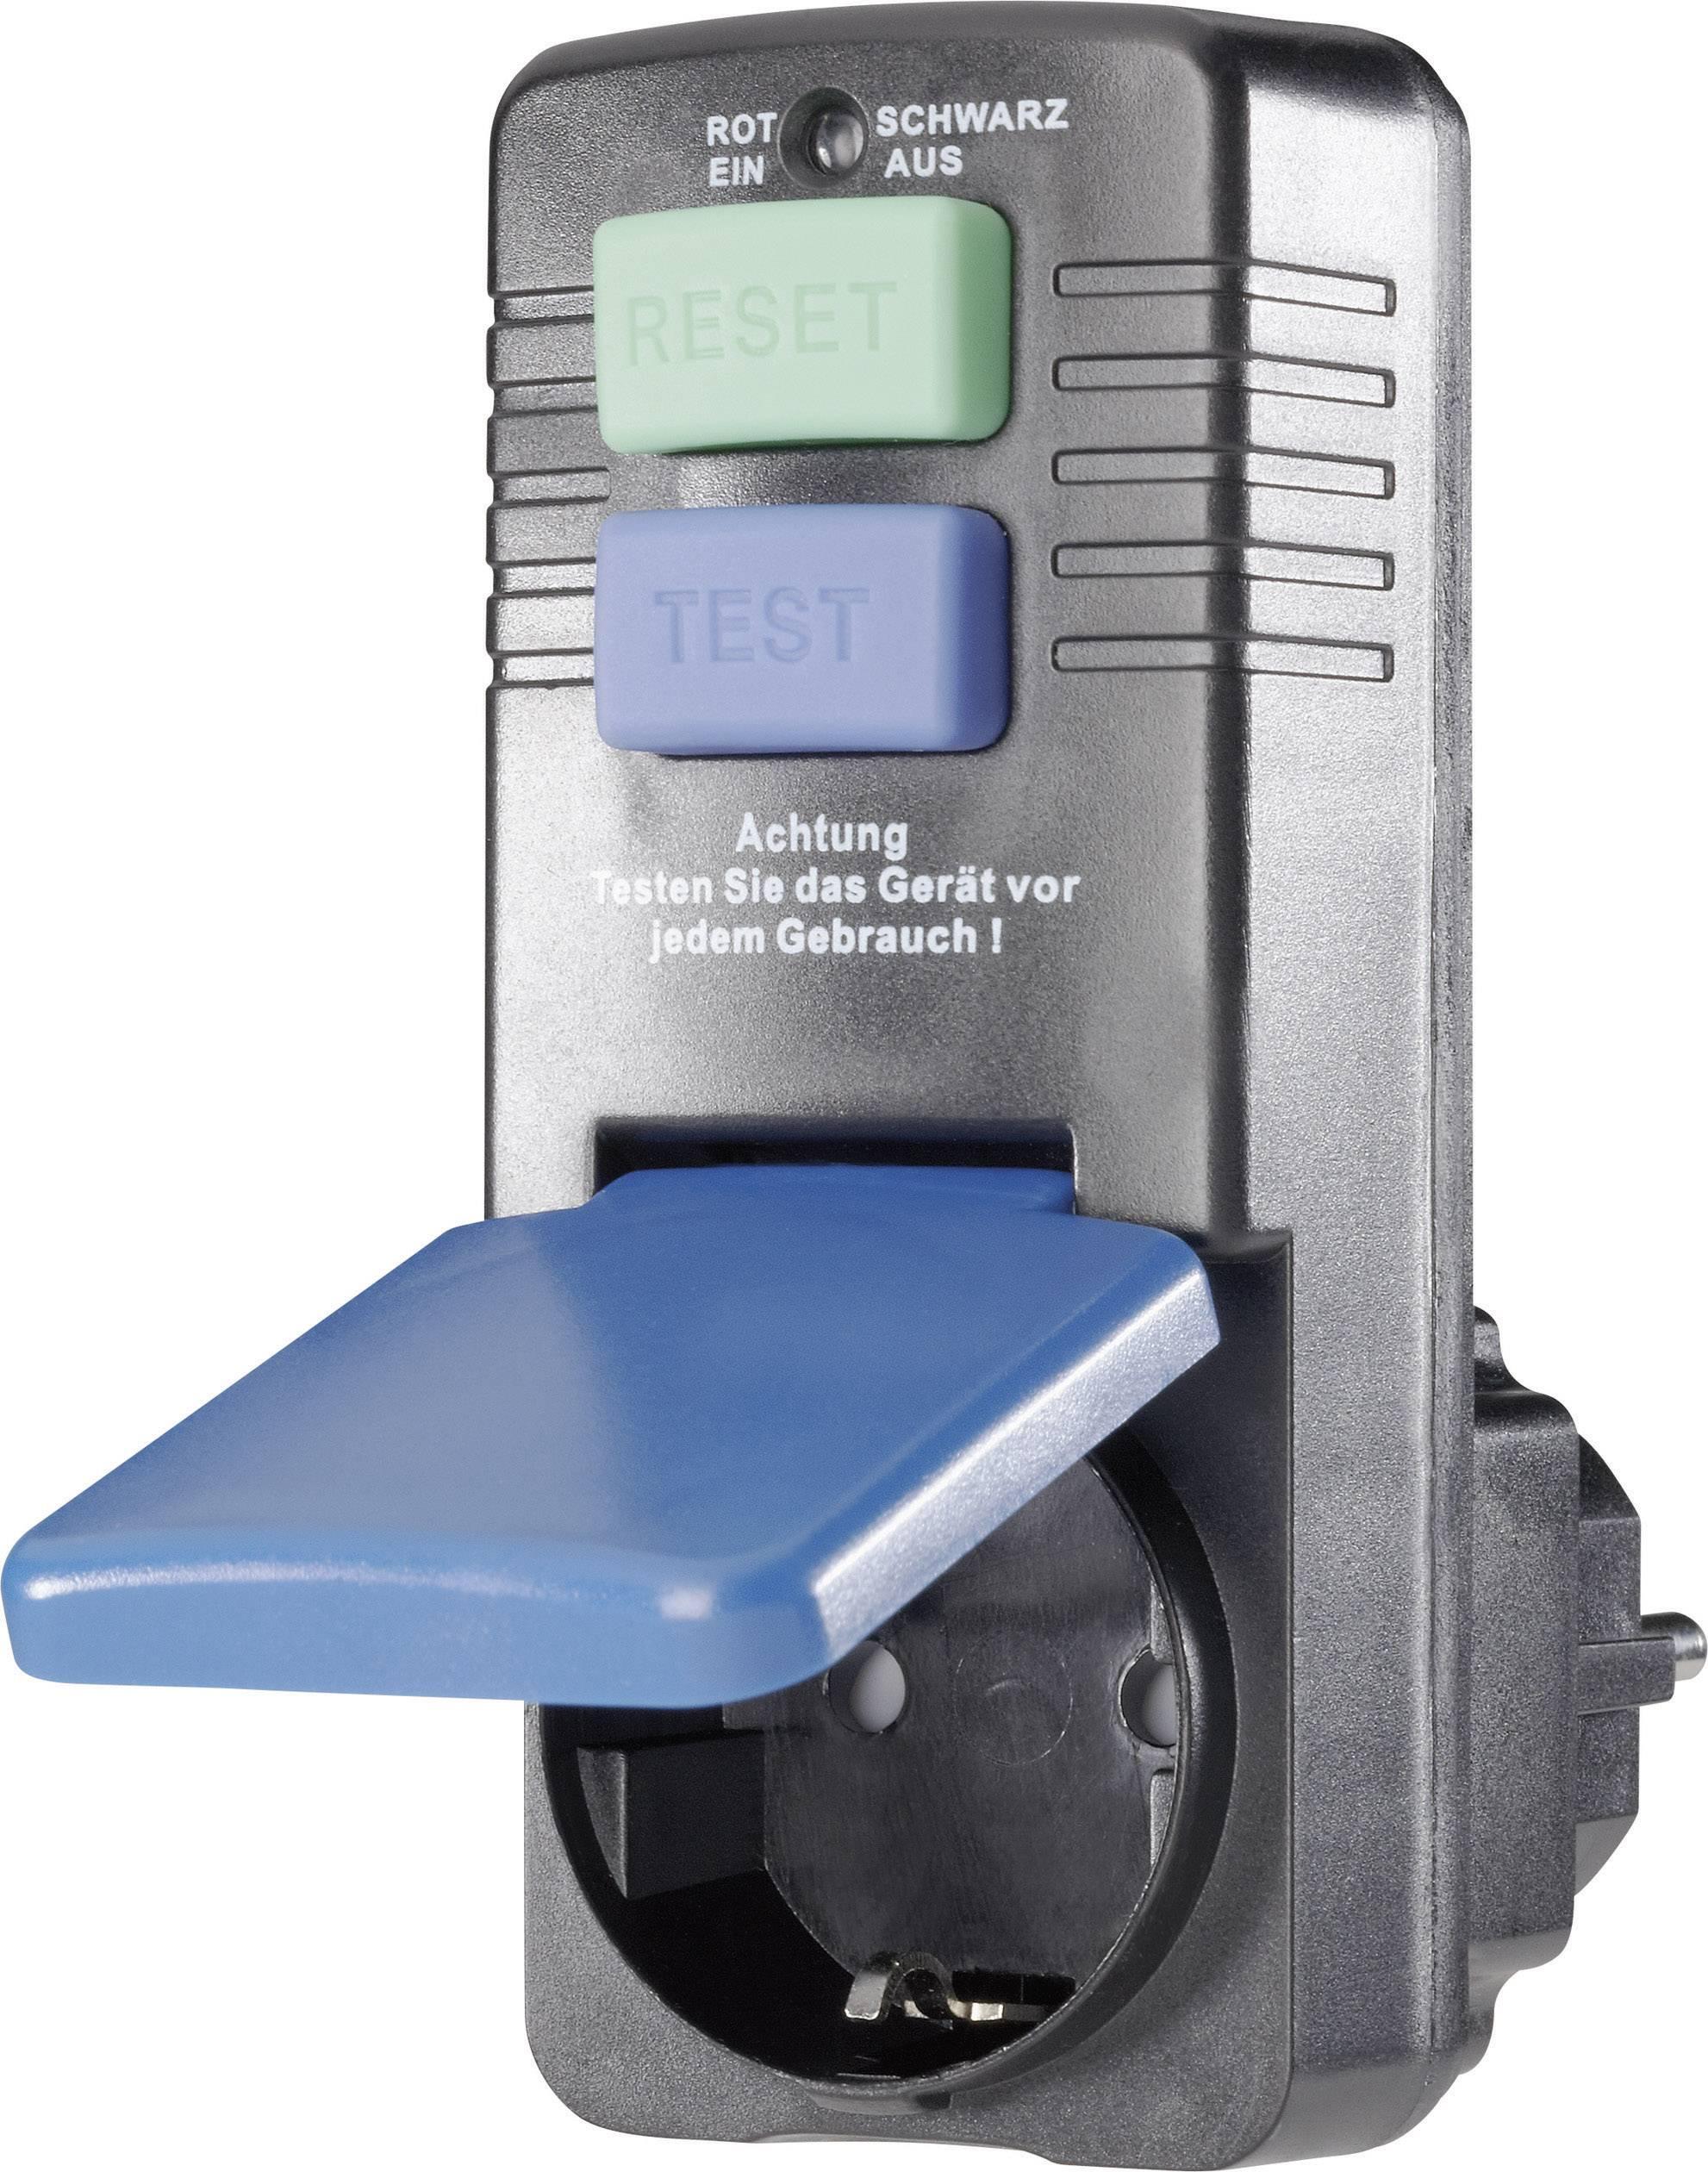 Bezpečnostná mezizásuvka, IP 40, 10 mA